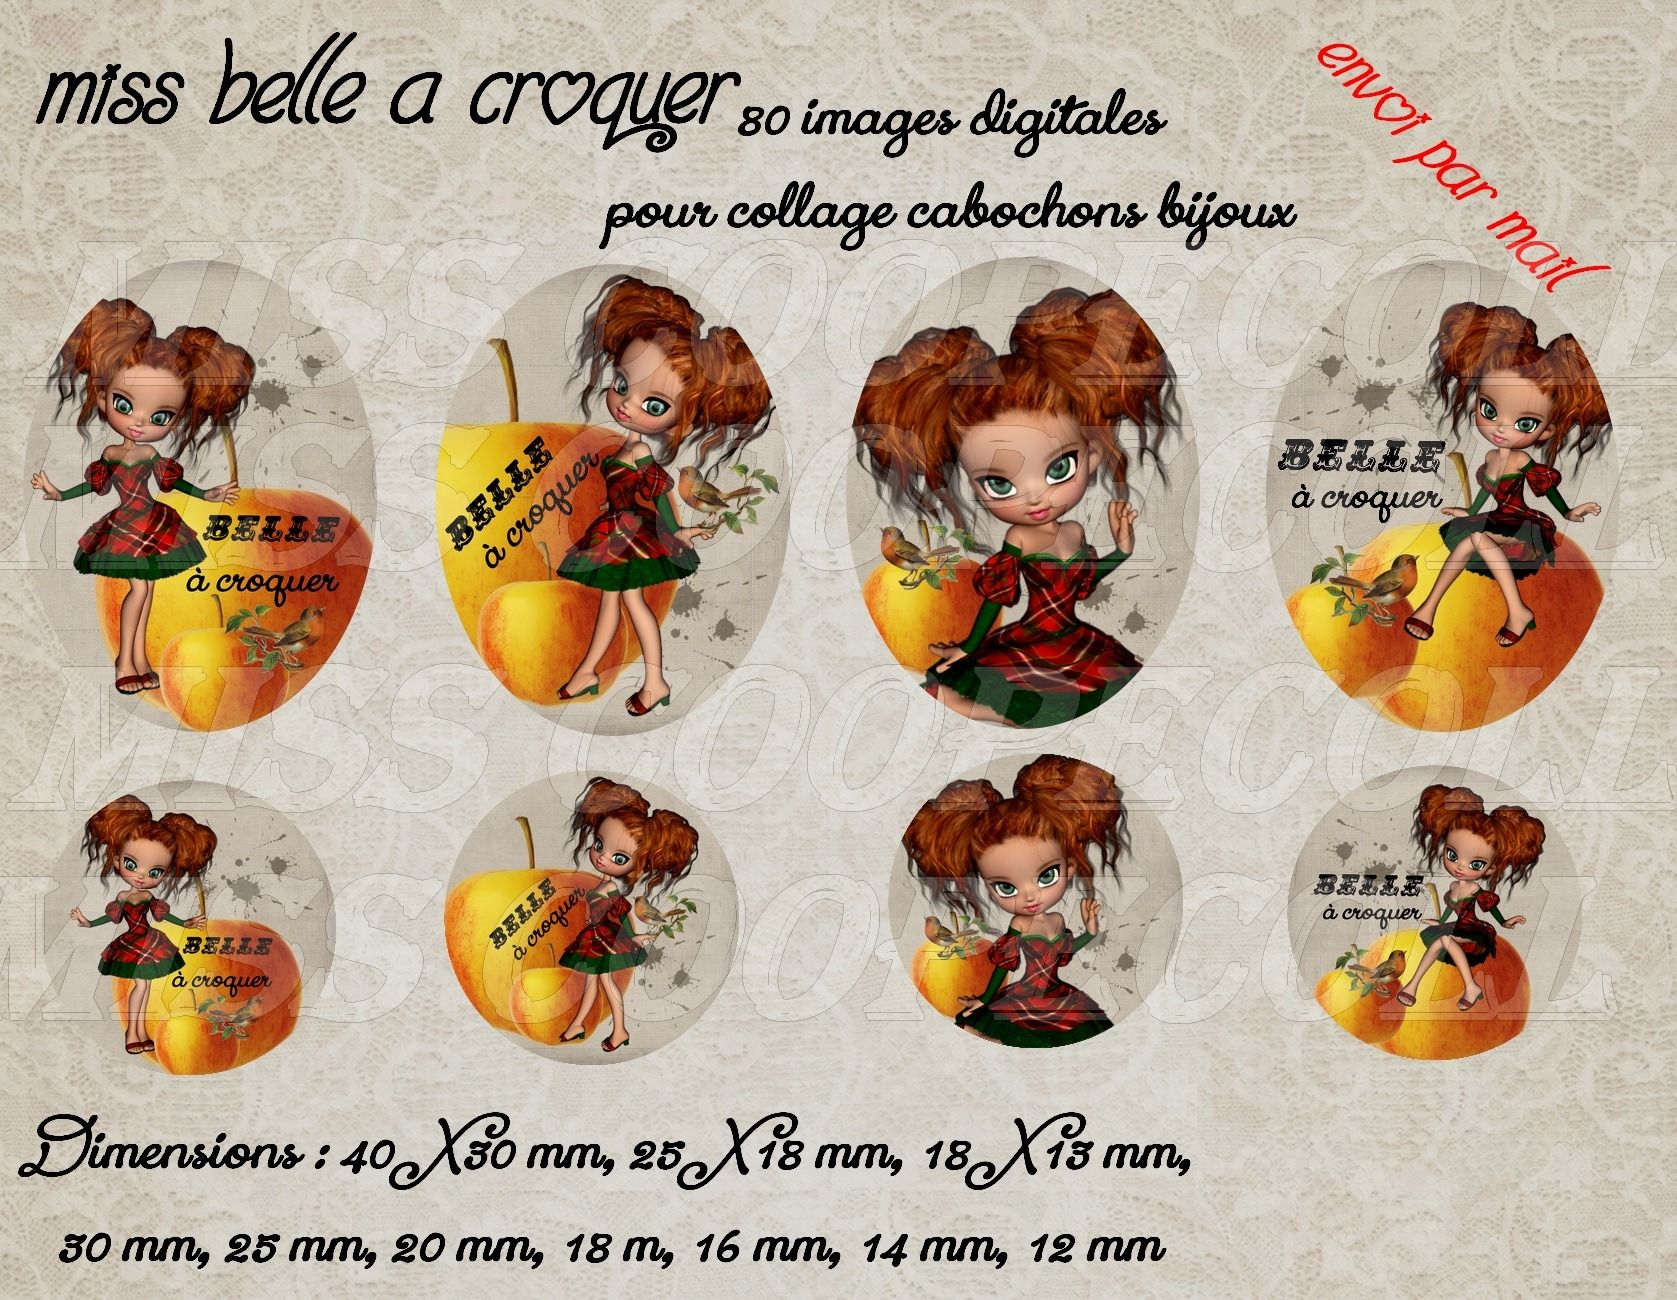 """NOUVEAU 80 images pour collage digital cabochons bijoux 'Miss belle à croquer"""" envoi par mail : Loisirs créatifs, scrapbooking par miss-coopecoll"""